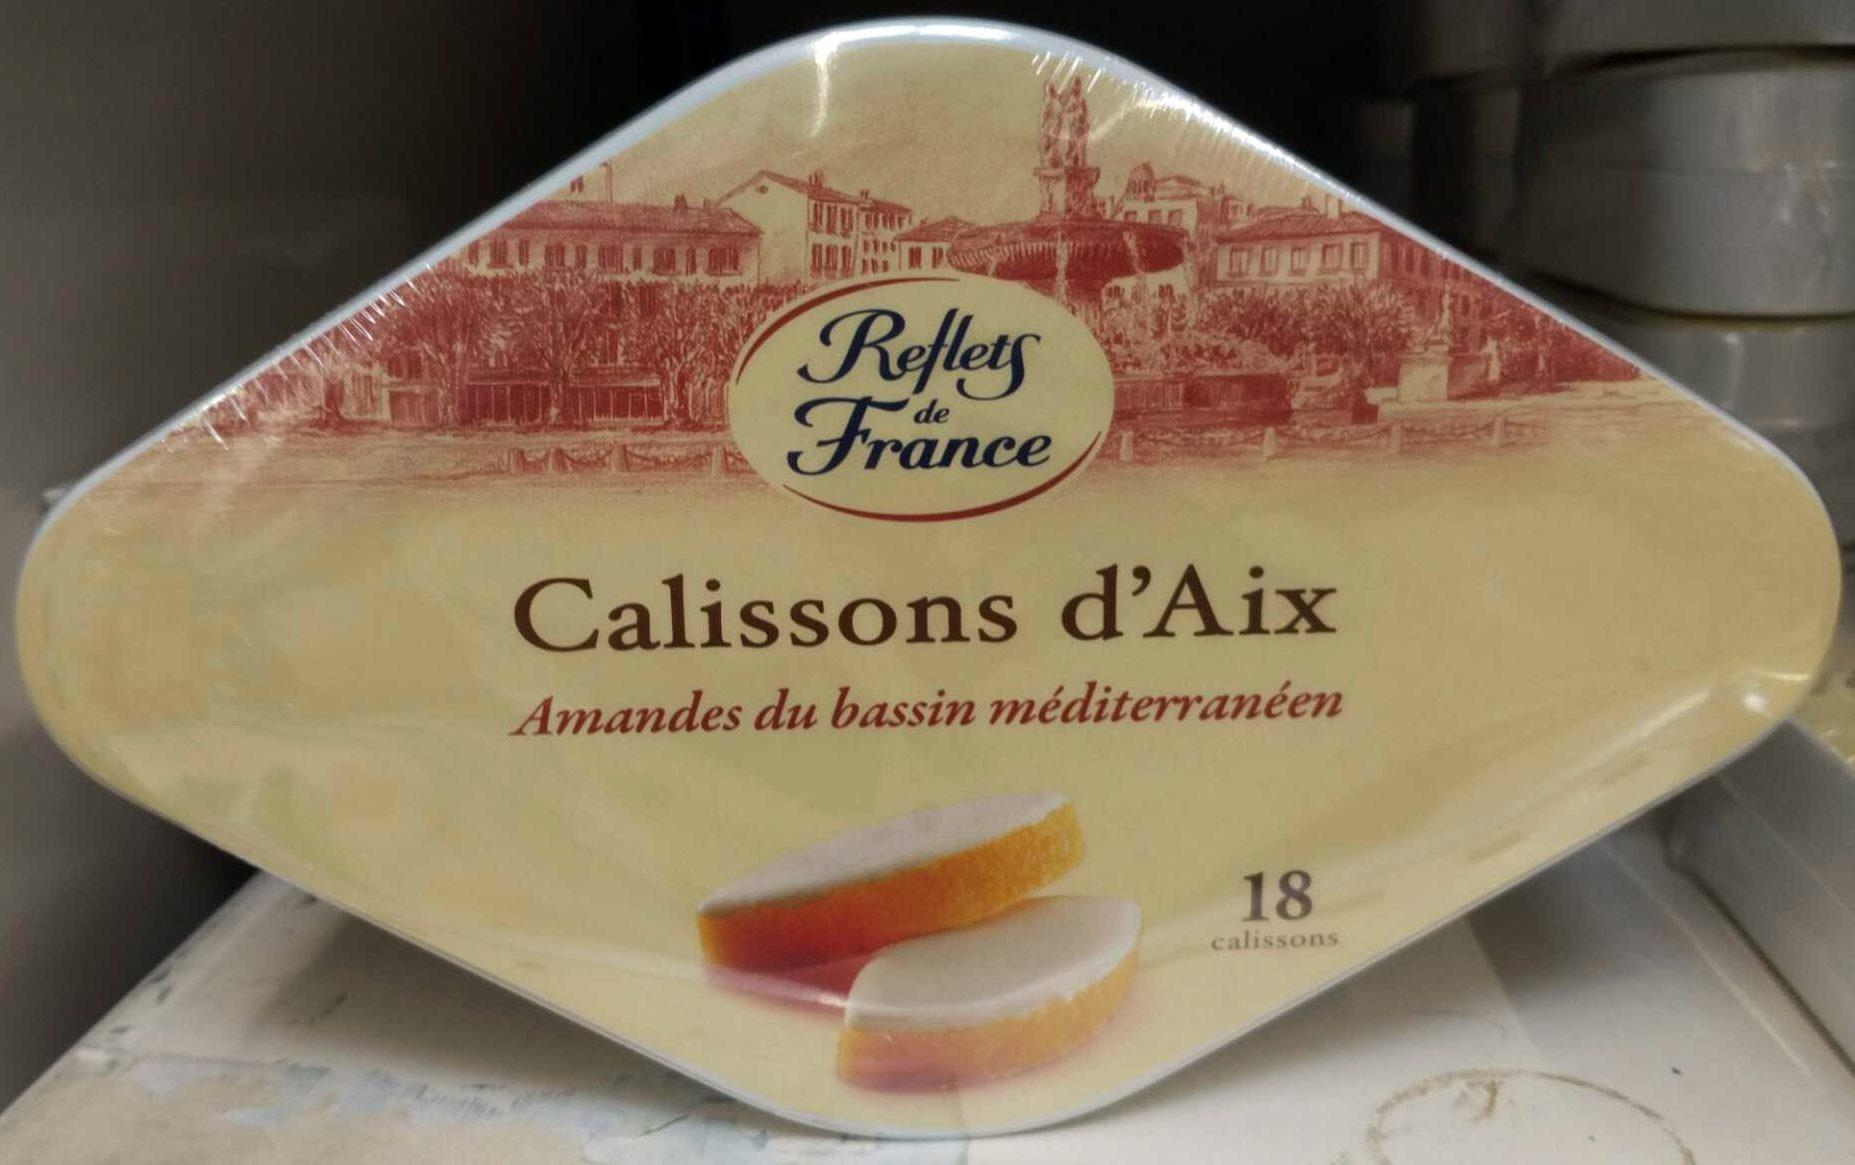 Calissons d'Aix Amandes du bassin méditerranéen - Produit